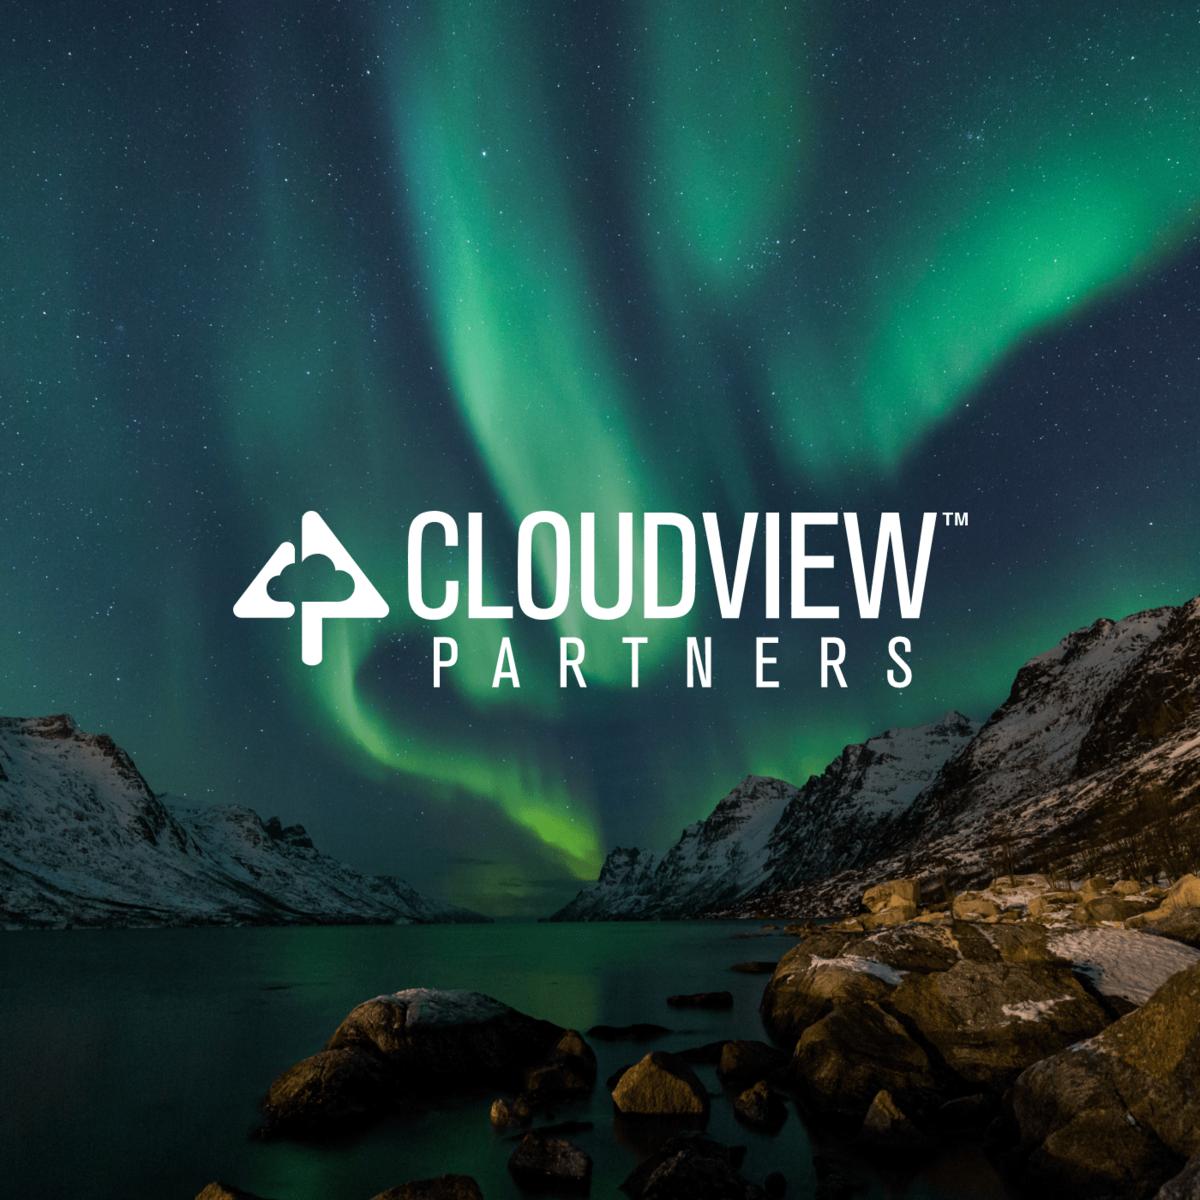 CloudView Partners